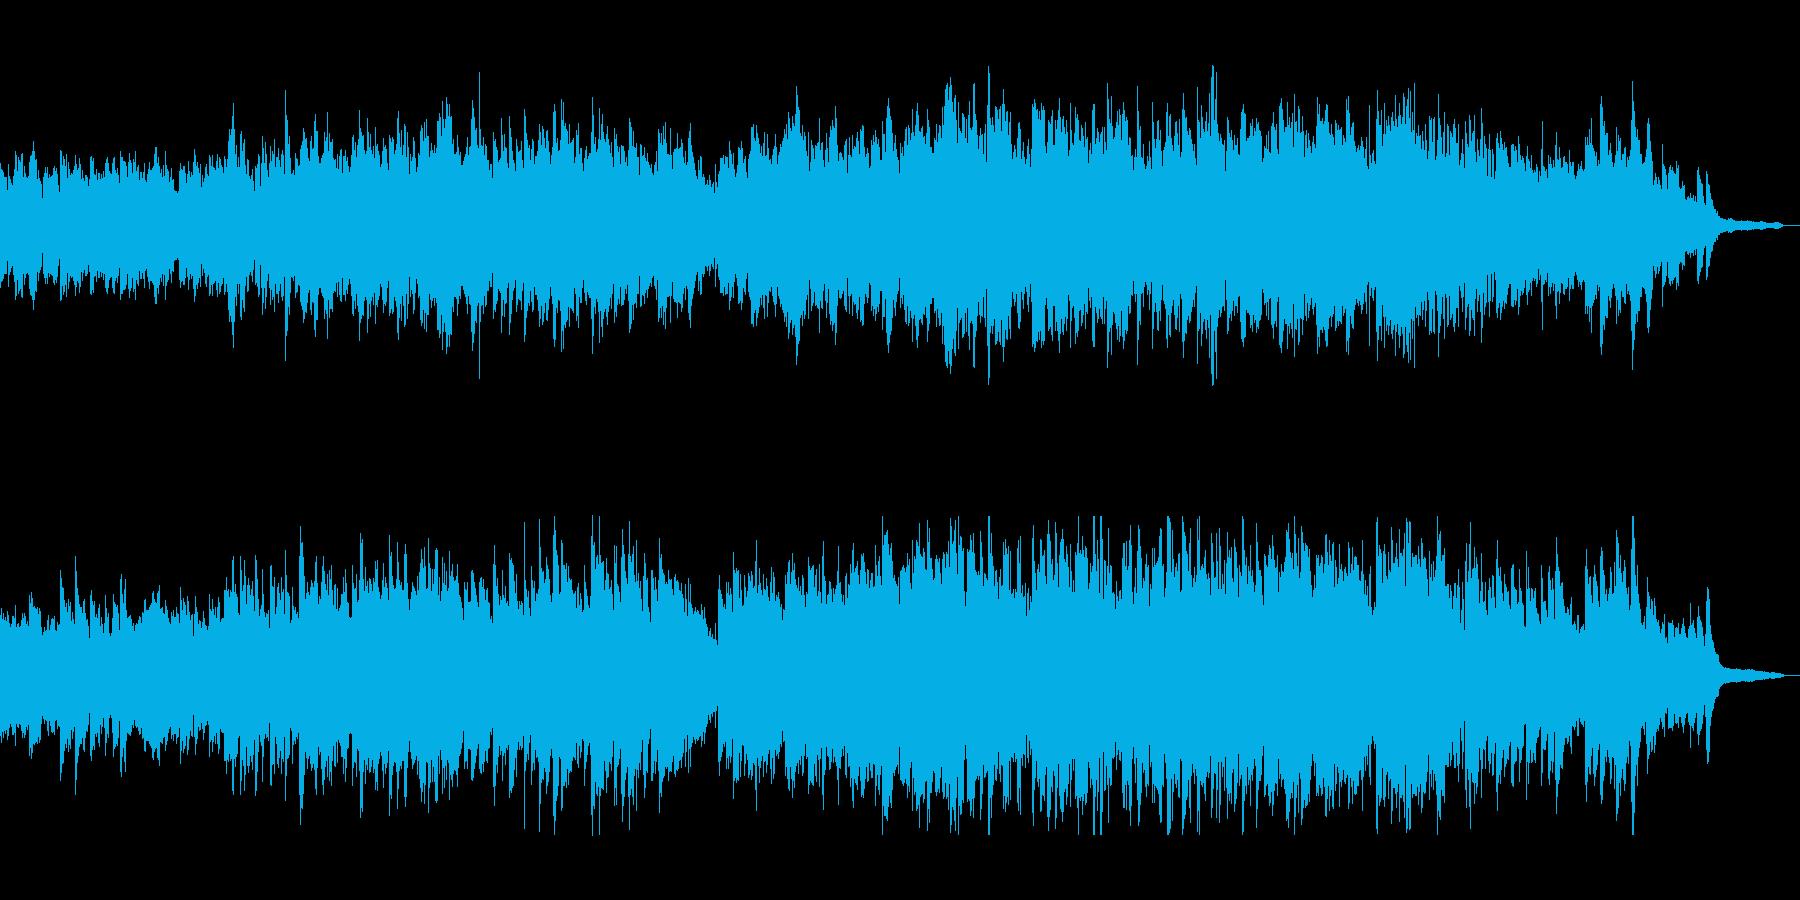 フルートとピアノのクラシックポップの再生済みの波形